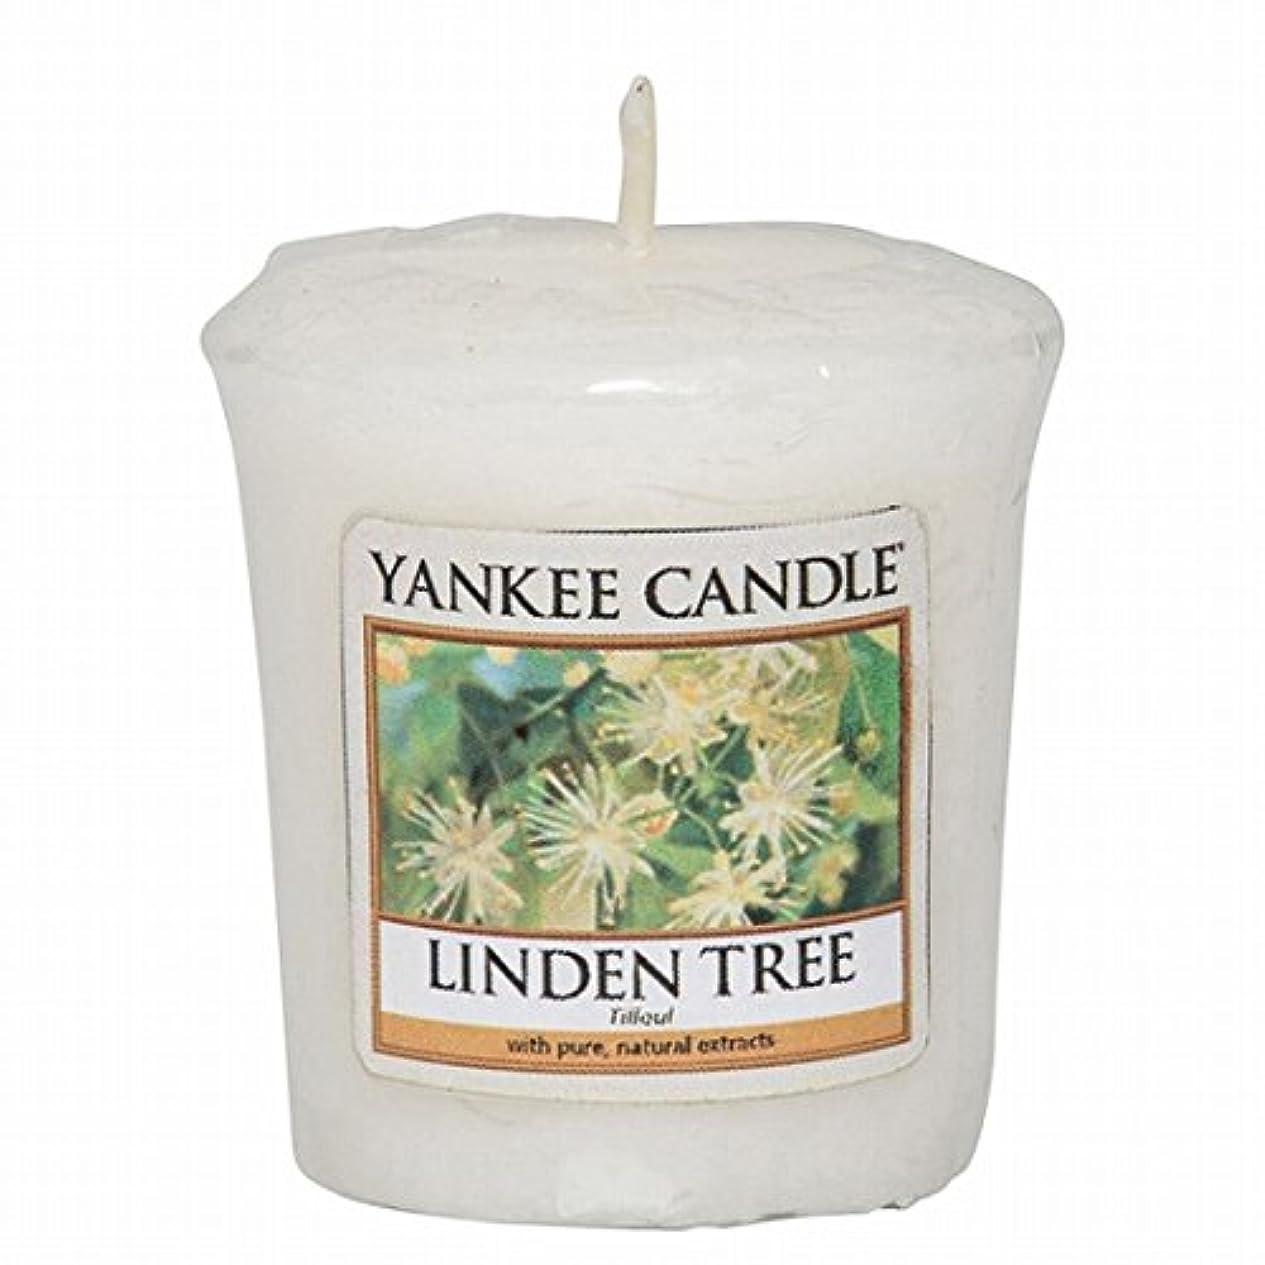 すりくつろぎタイトルYANKEE CANDLE(ヤンキーキャンドル) YANKEE CANDLE サンプラー 「リンデンツリー」(K00105289)